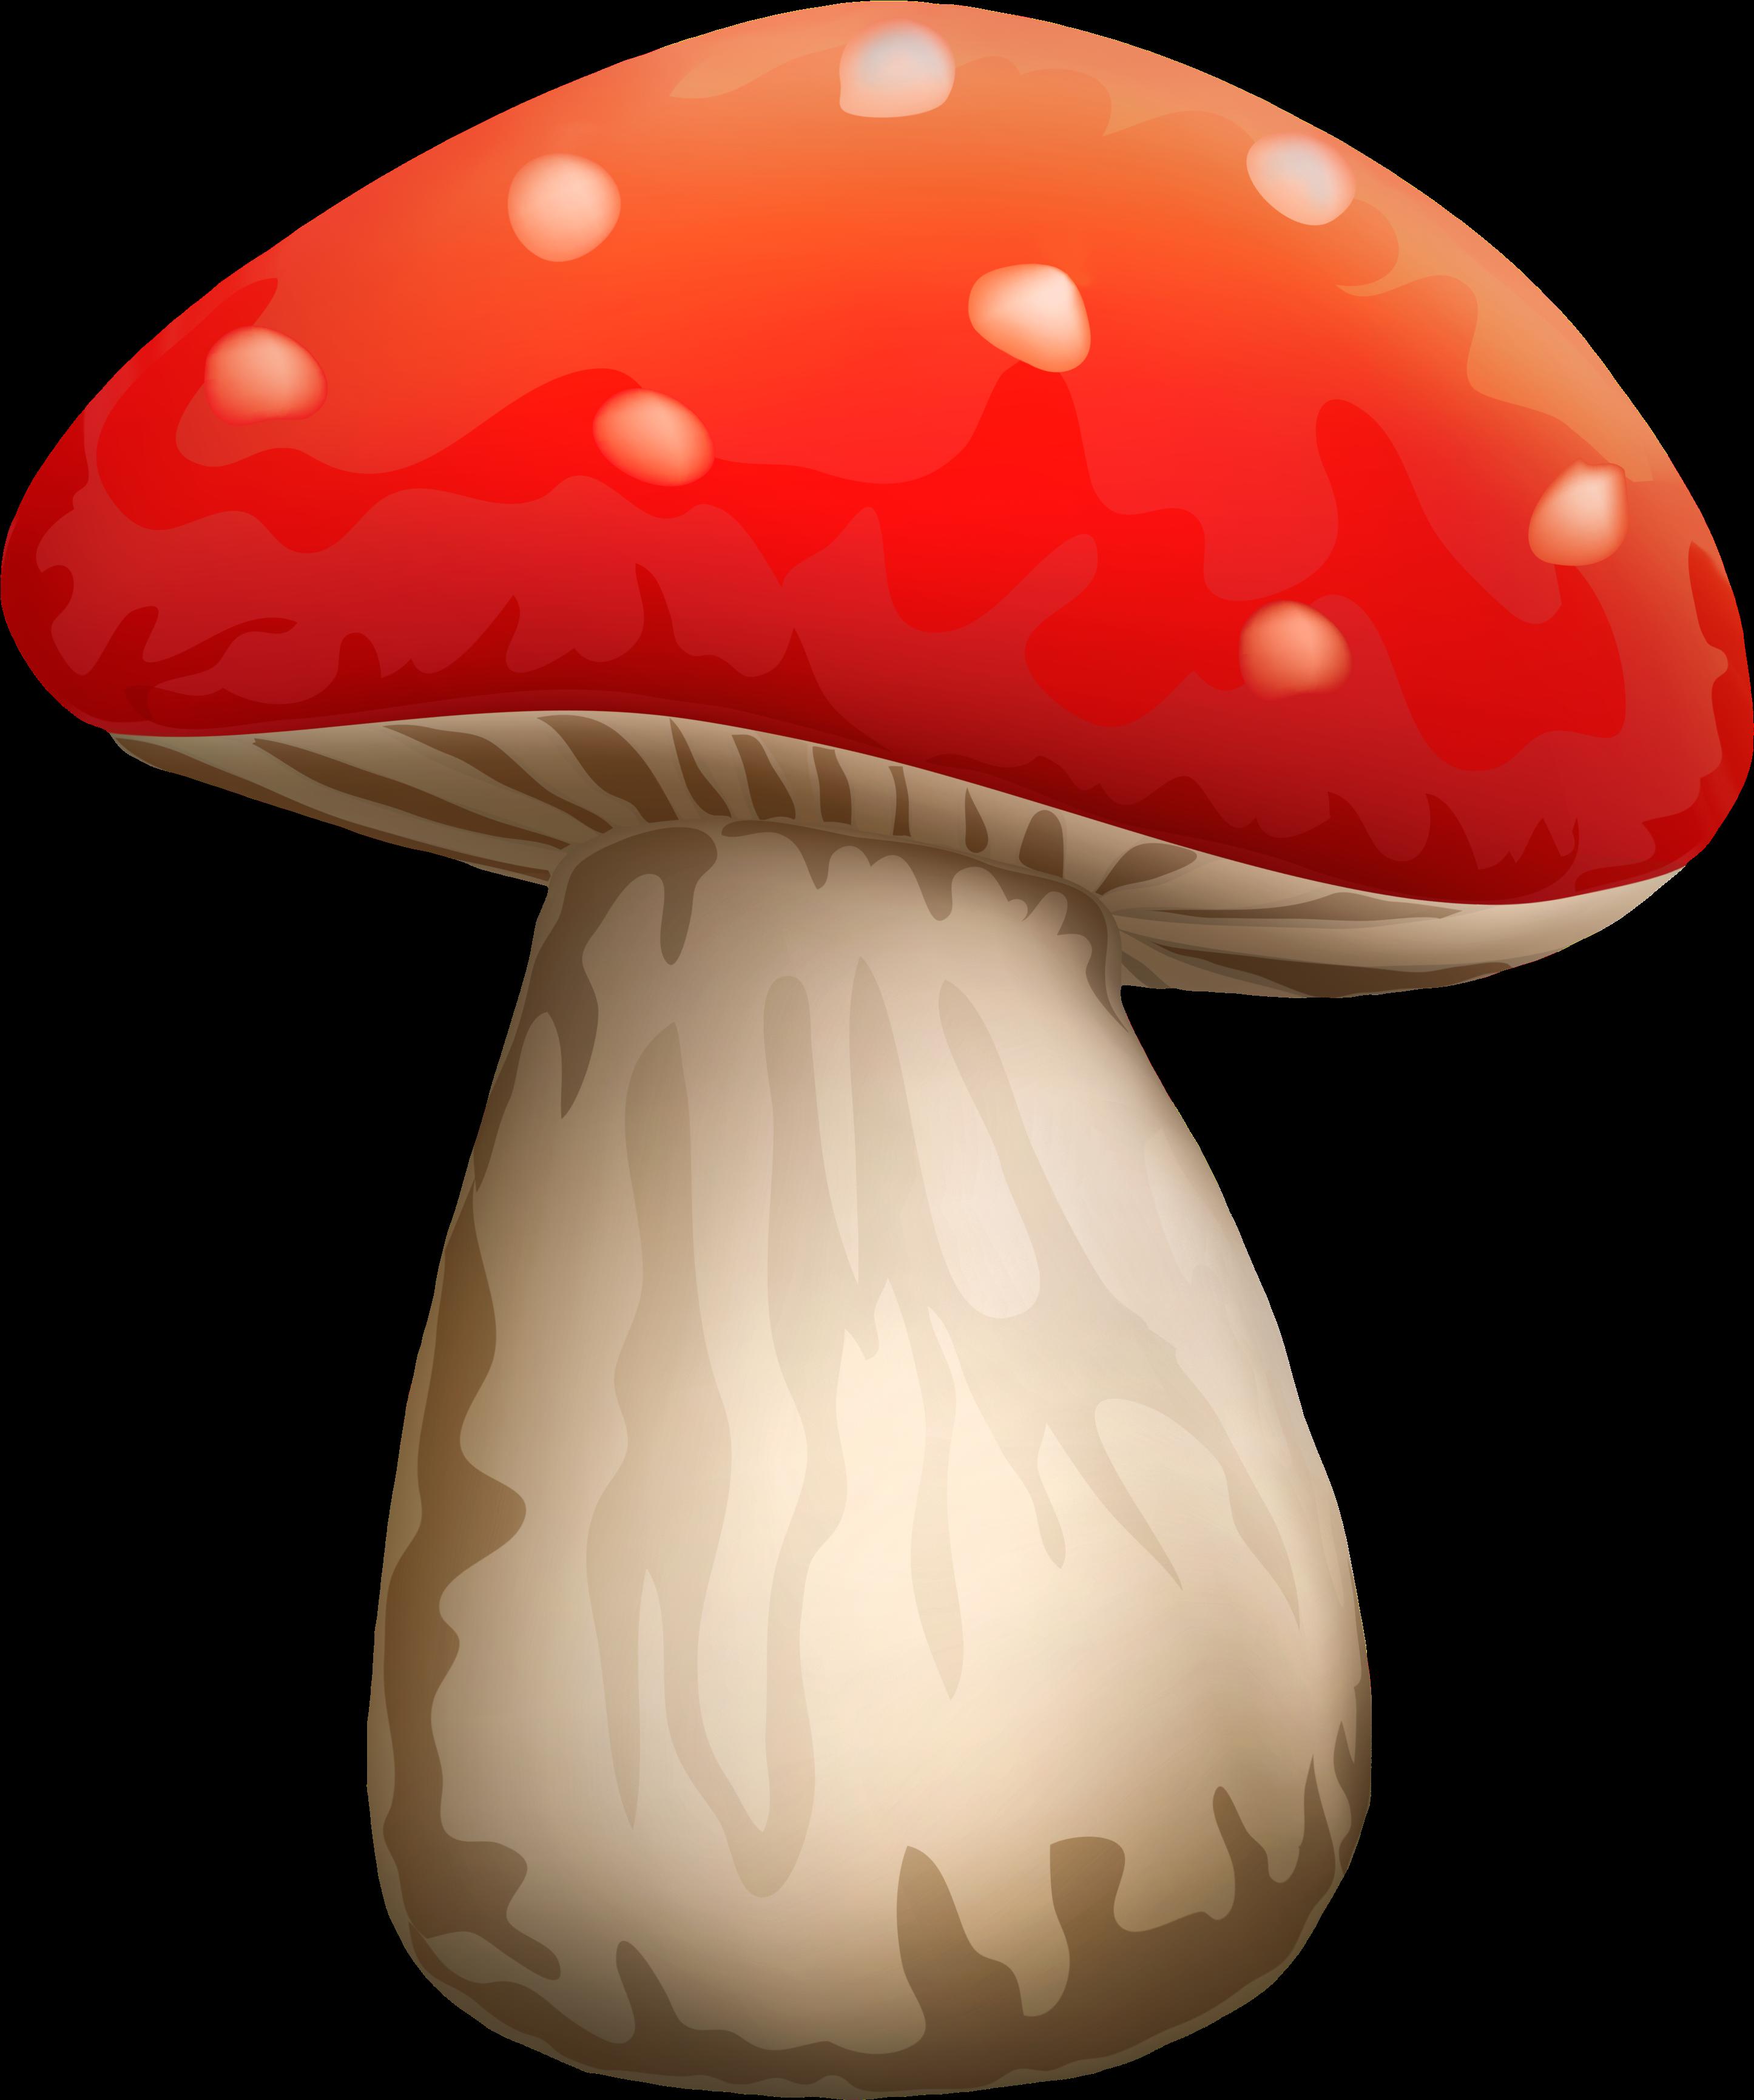 верхней картинка гриба боровика для презентации любой человек